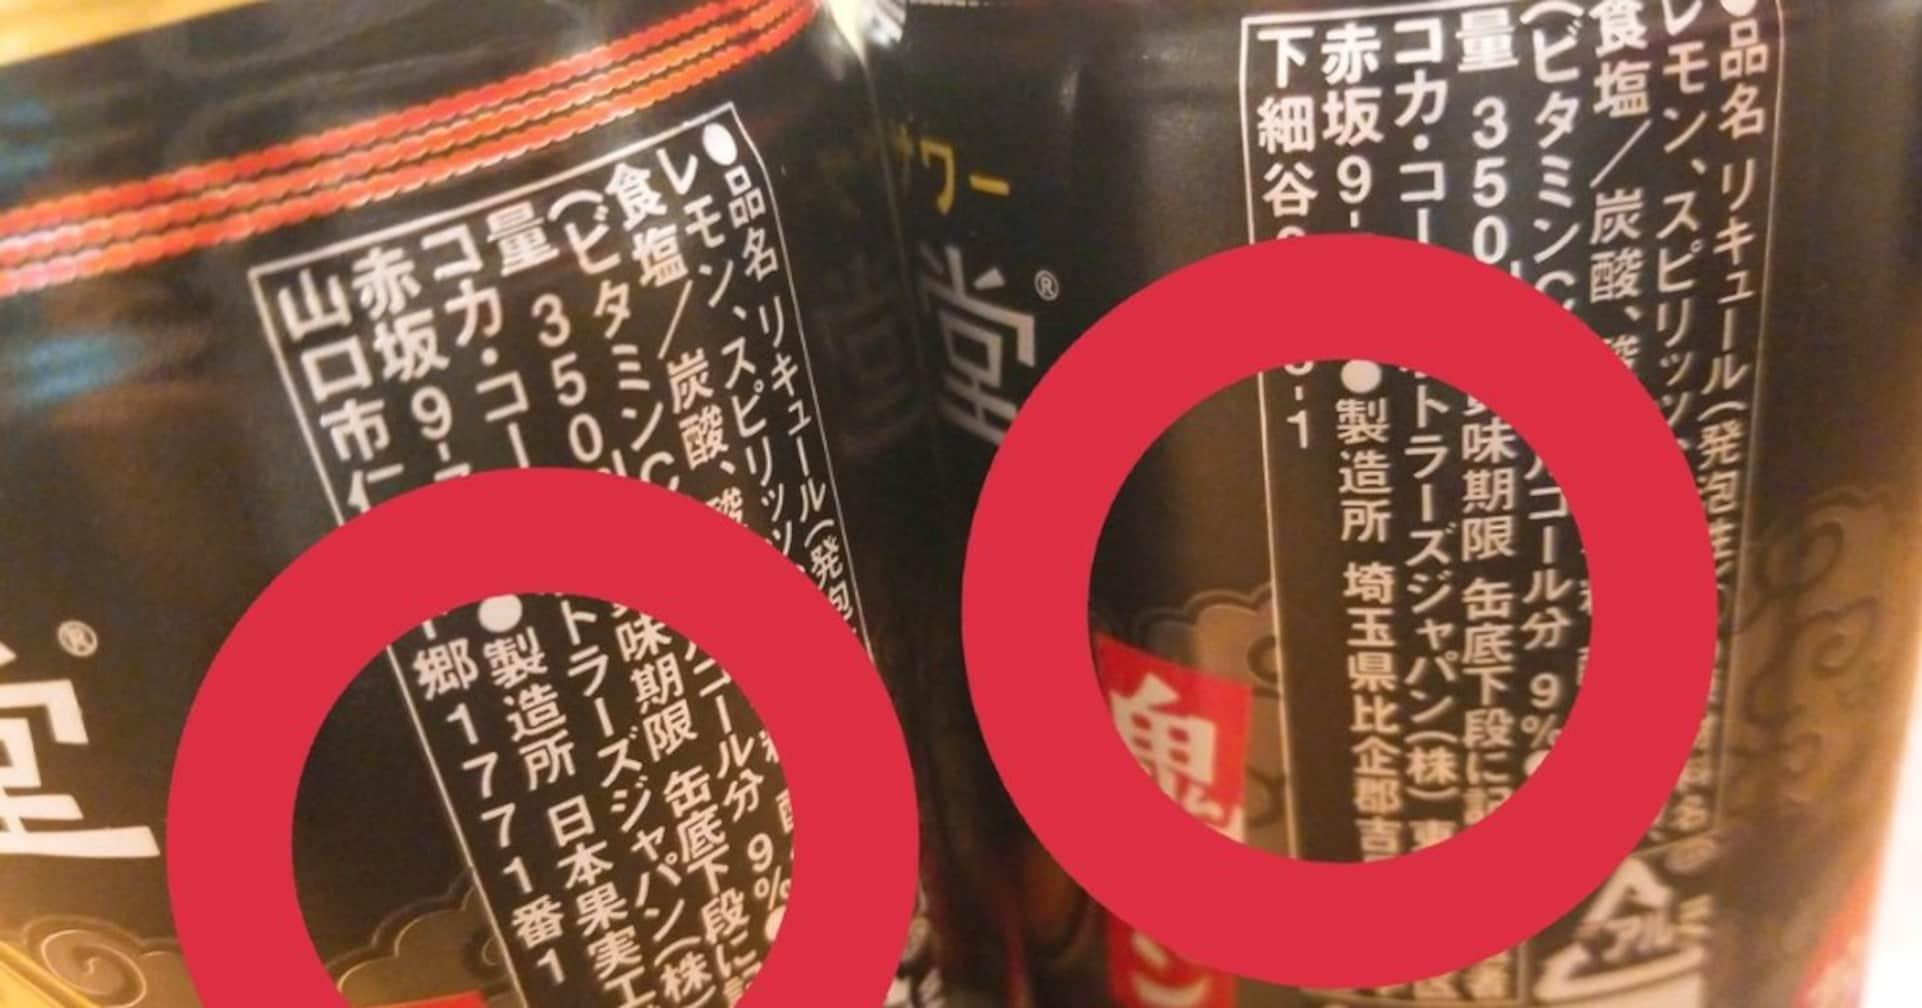 缶レモンサワーの新顔「檸檬堂」には製造所によってこんな差があるらしい…!? 「飲み比べてみたい」との声も。